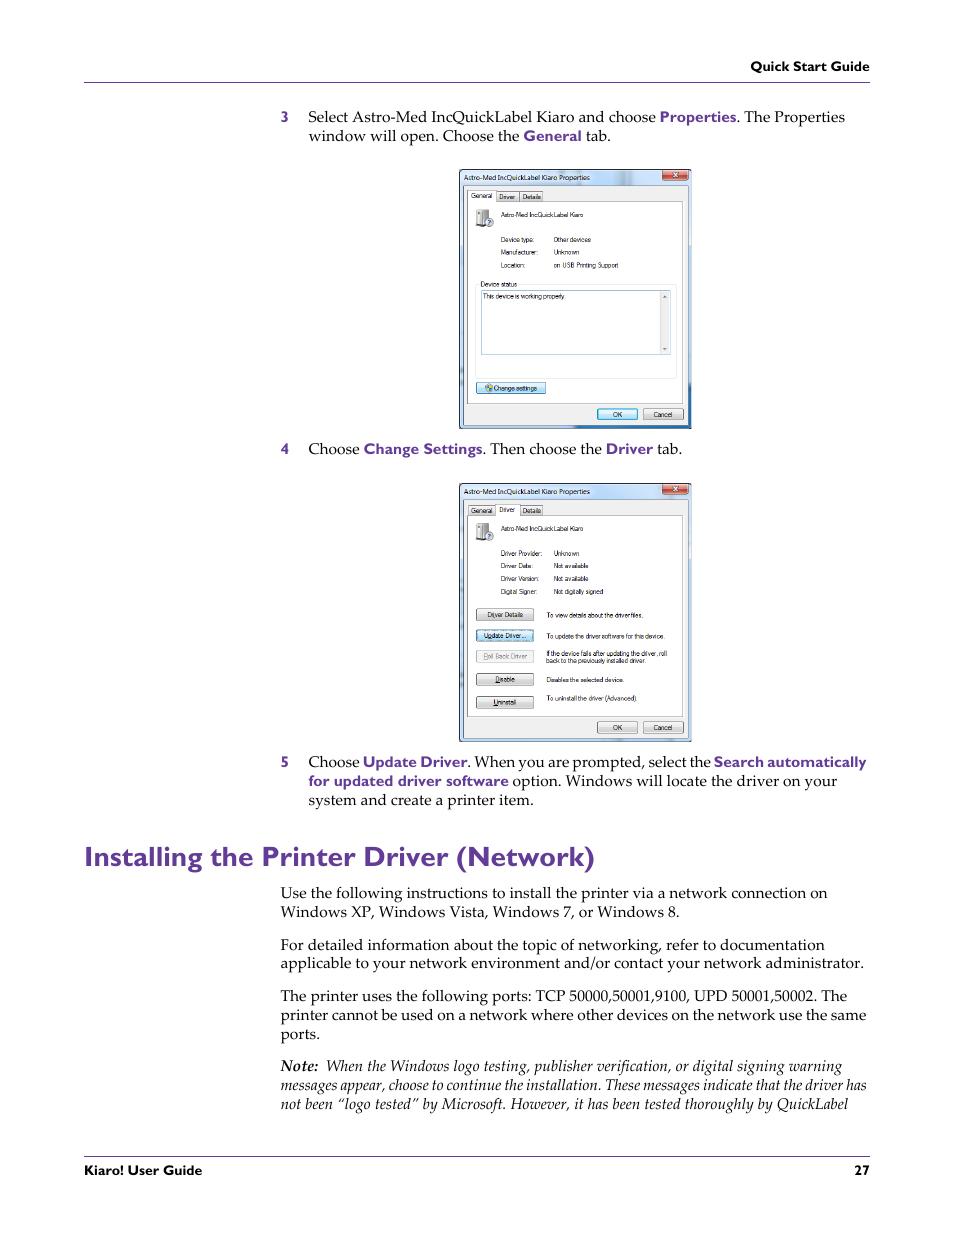 Installing the printer driver (network) | QuickLabel Kiaro! User